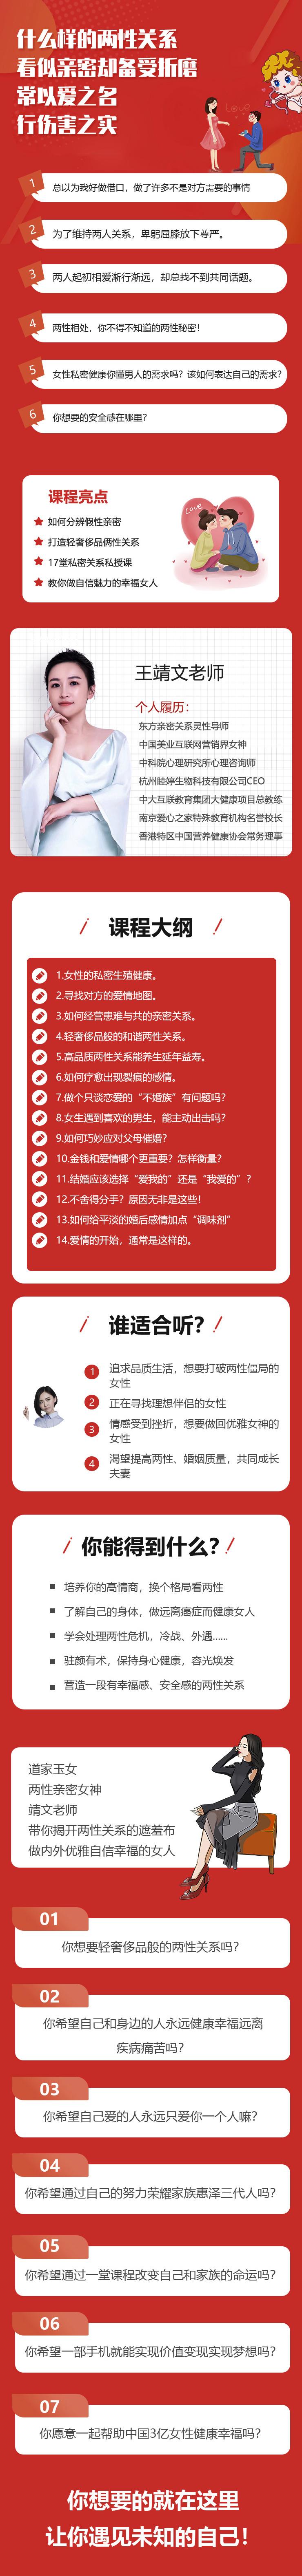 23打造惠泽三代人的智慧女人《亲密关系疗愈专题》.jpg